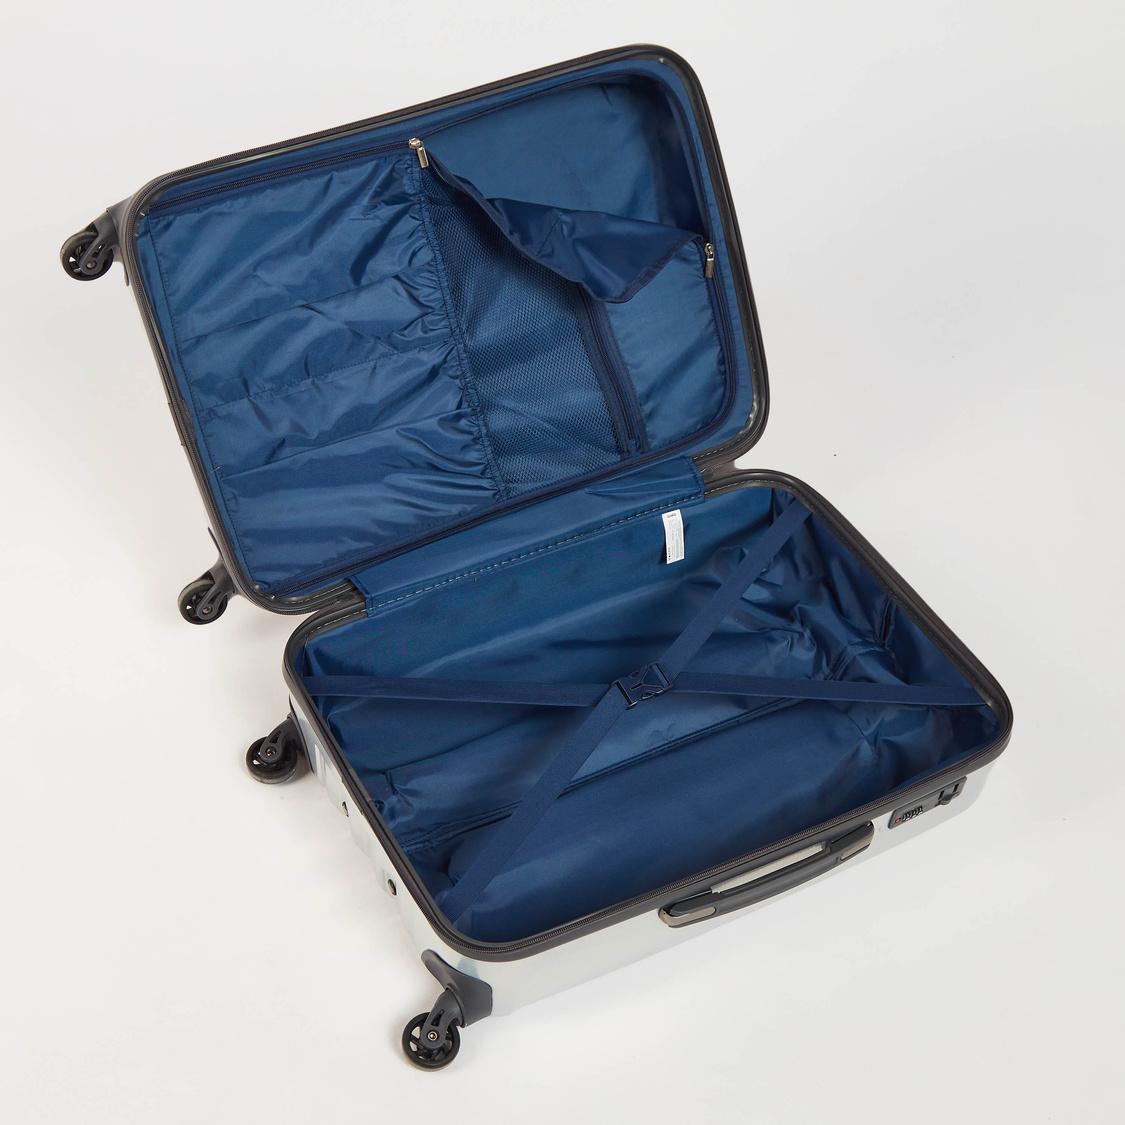 شنطة سفر صلبة سادة بعجلات و مقبض قابل للسحب